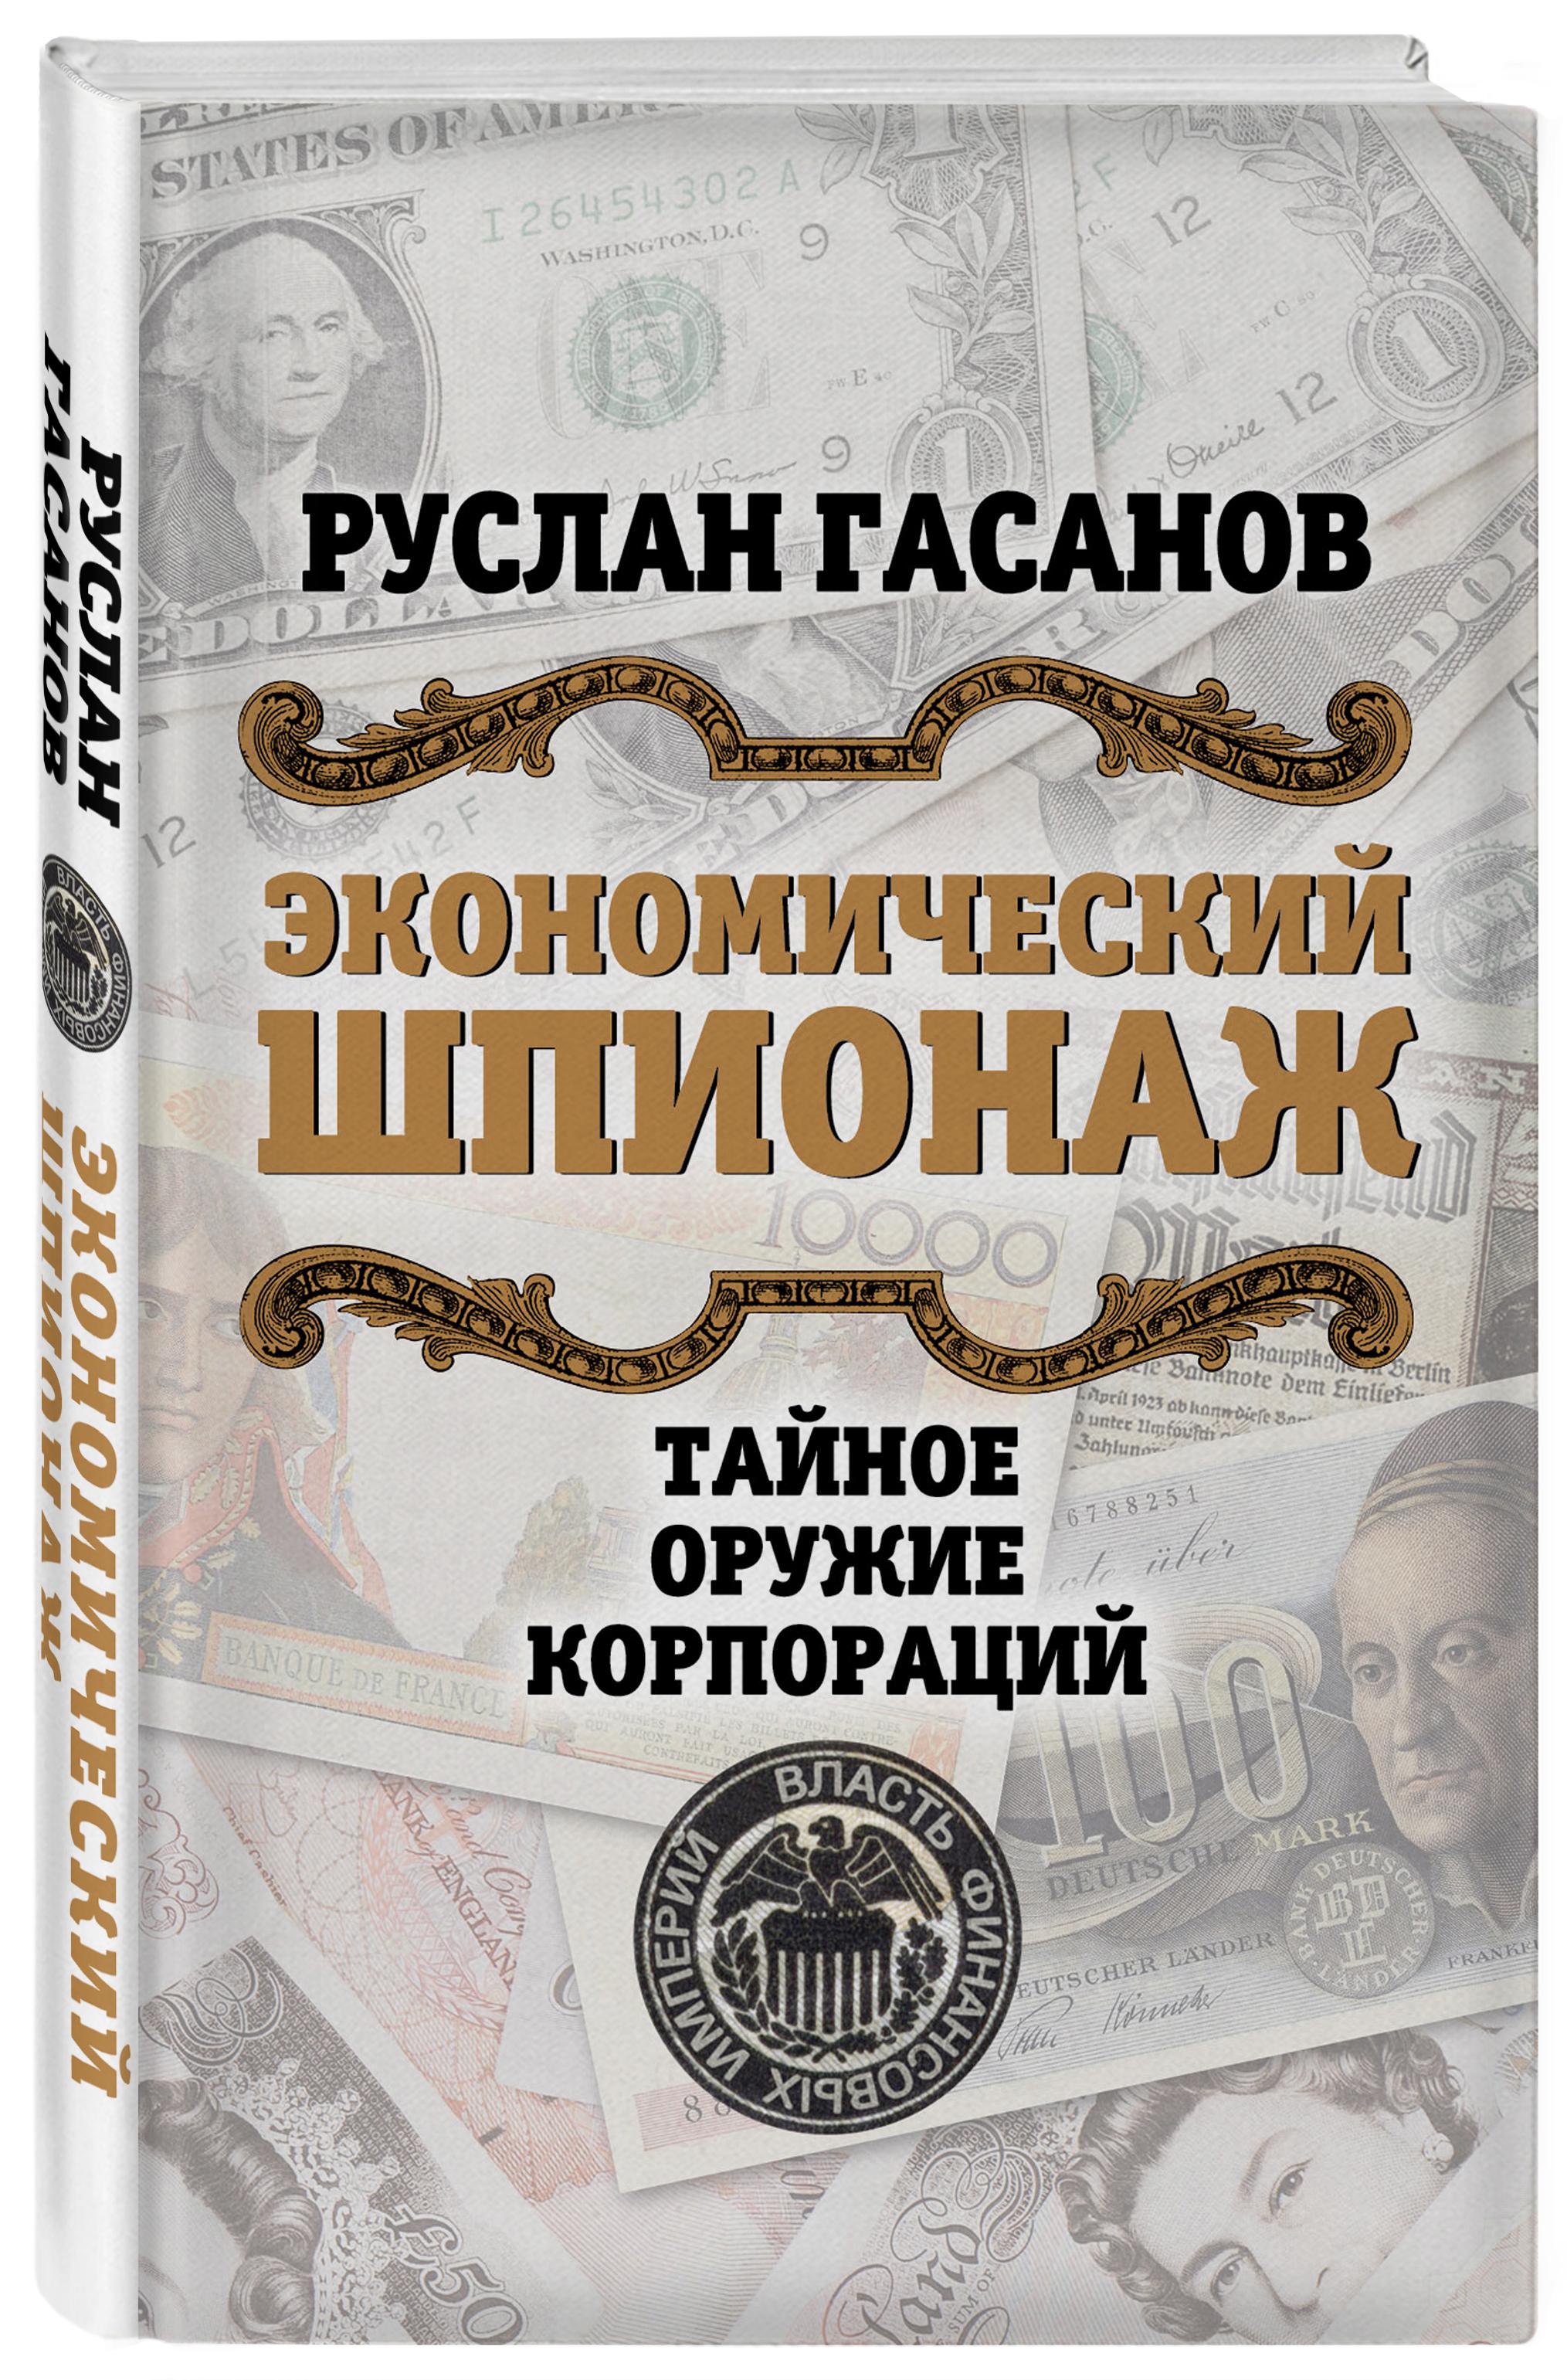 Гасанов Р.М. Экономический шпионаж. Тайное оружие корпораций атаманенко и шпионаж война без трупов